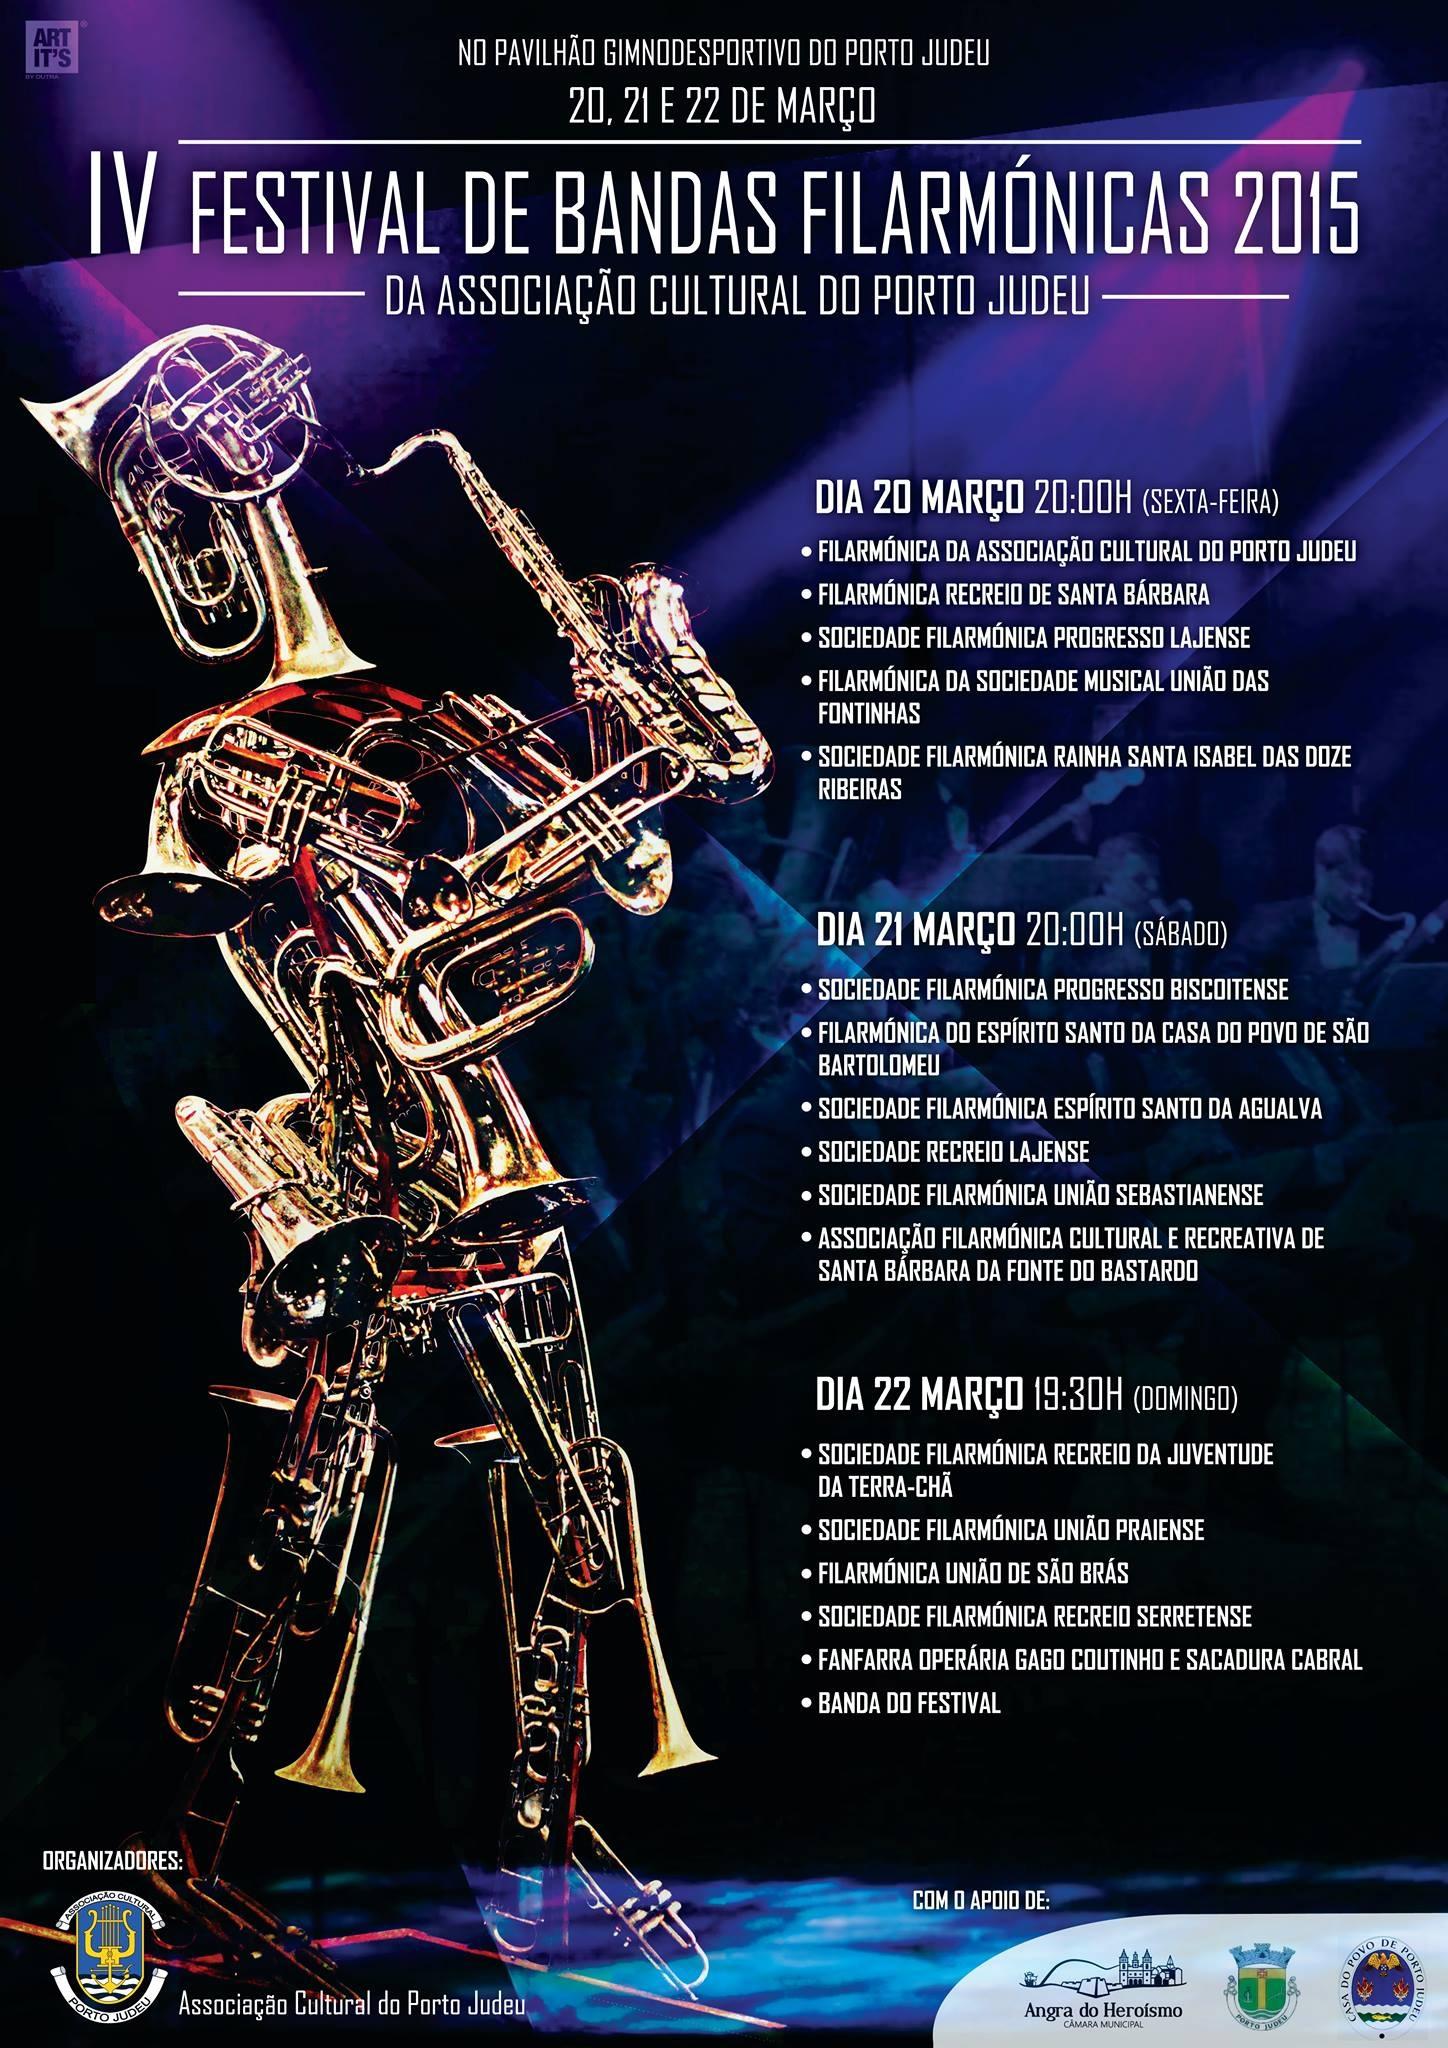 Bandas filarmónicas em festival no Porto Judeu